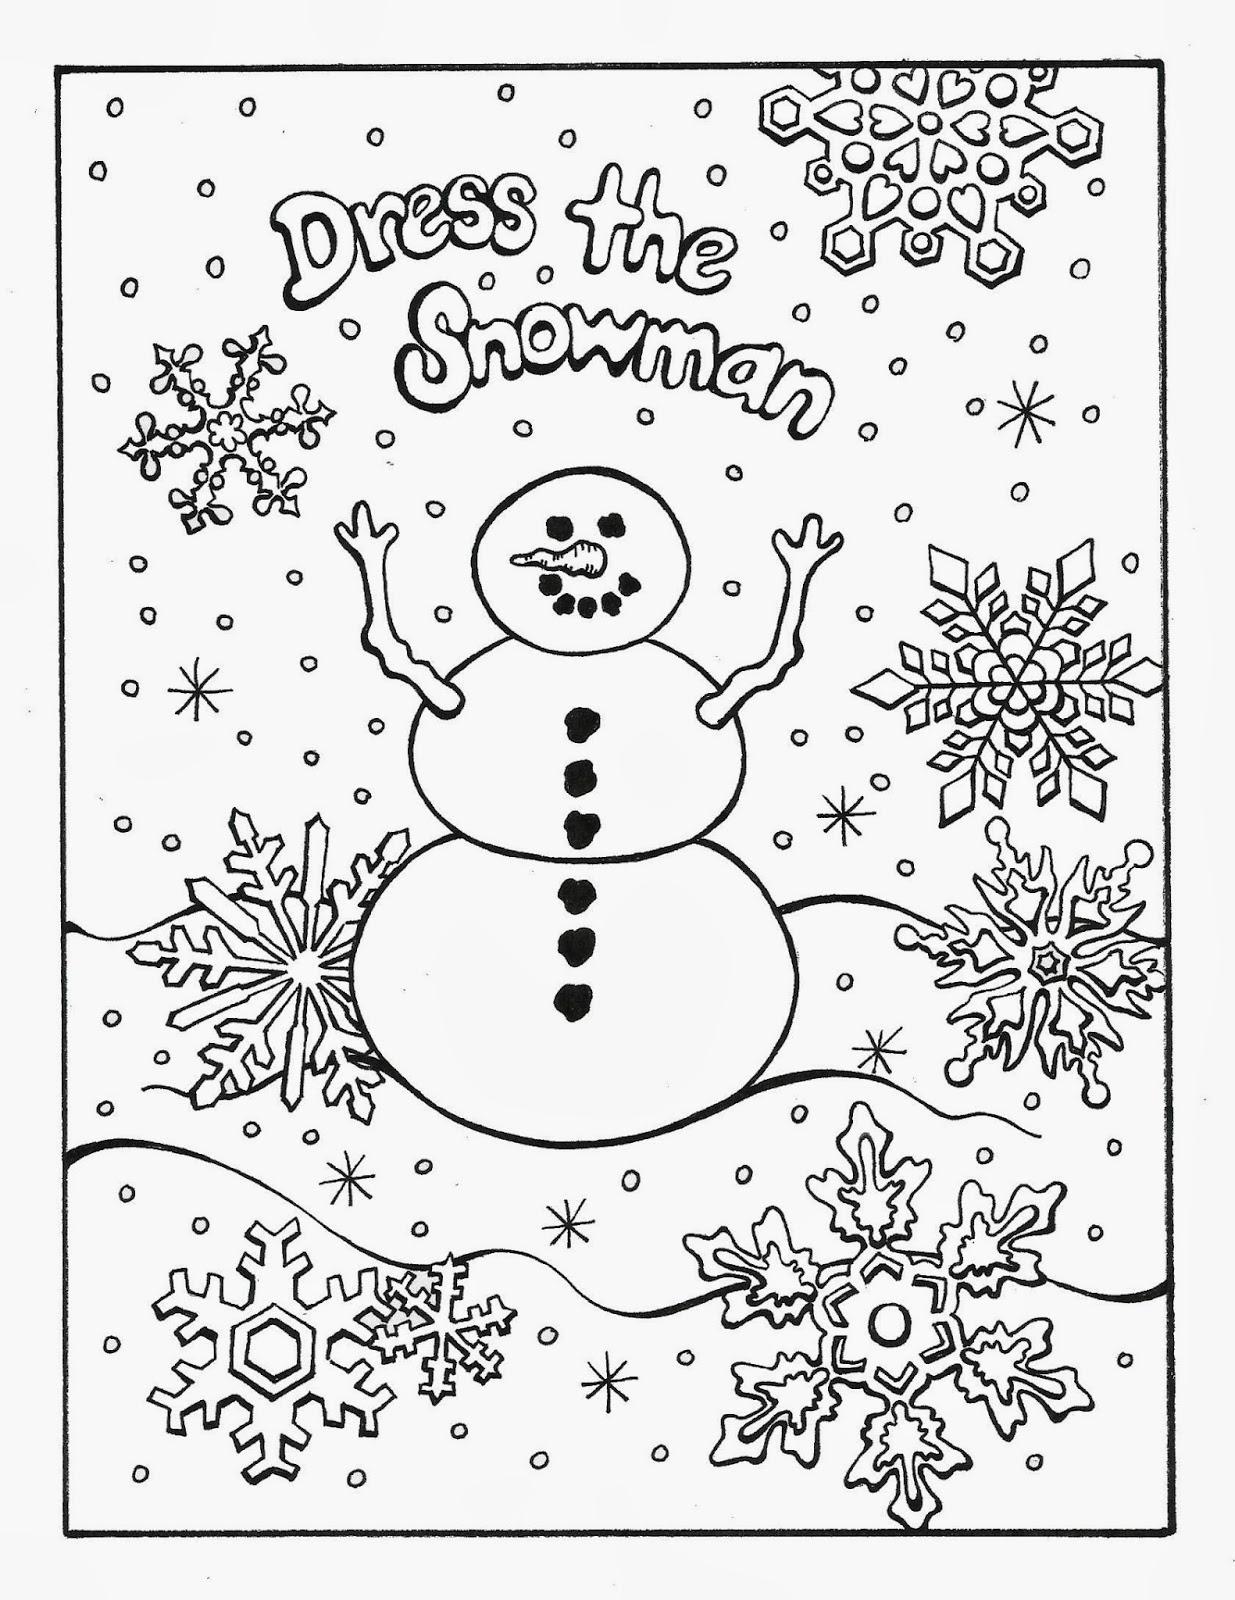 Serendipity Hollow: Dress the Snowman!